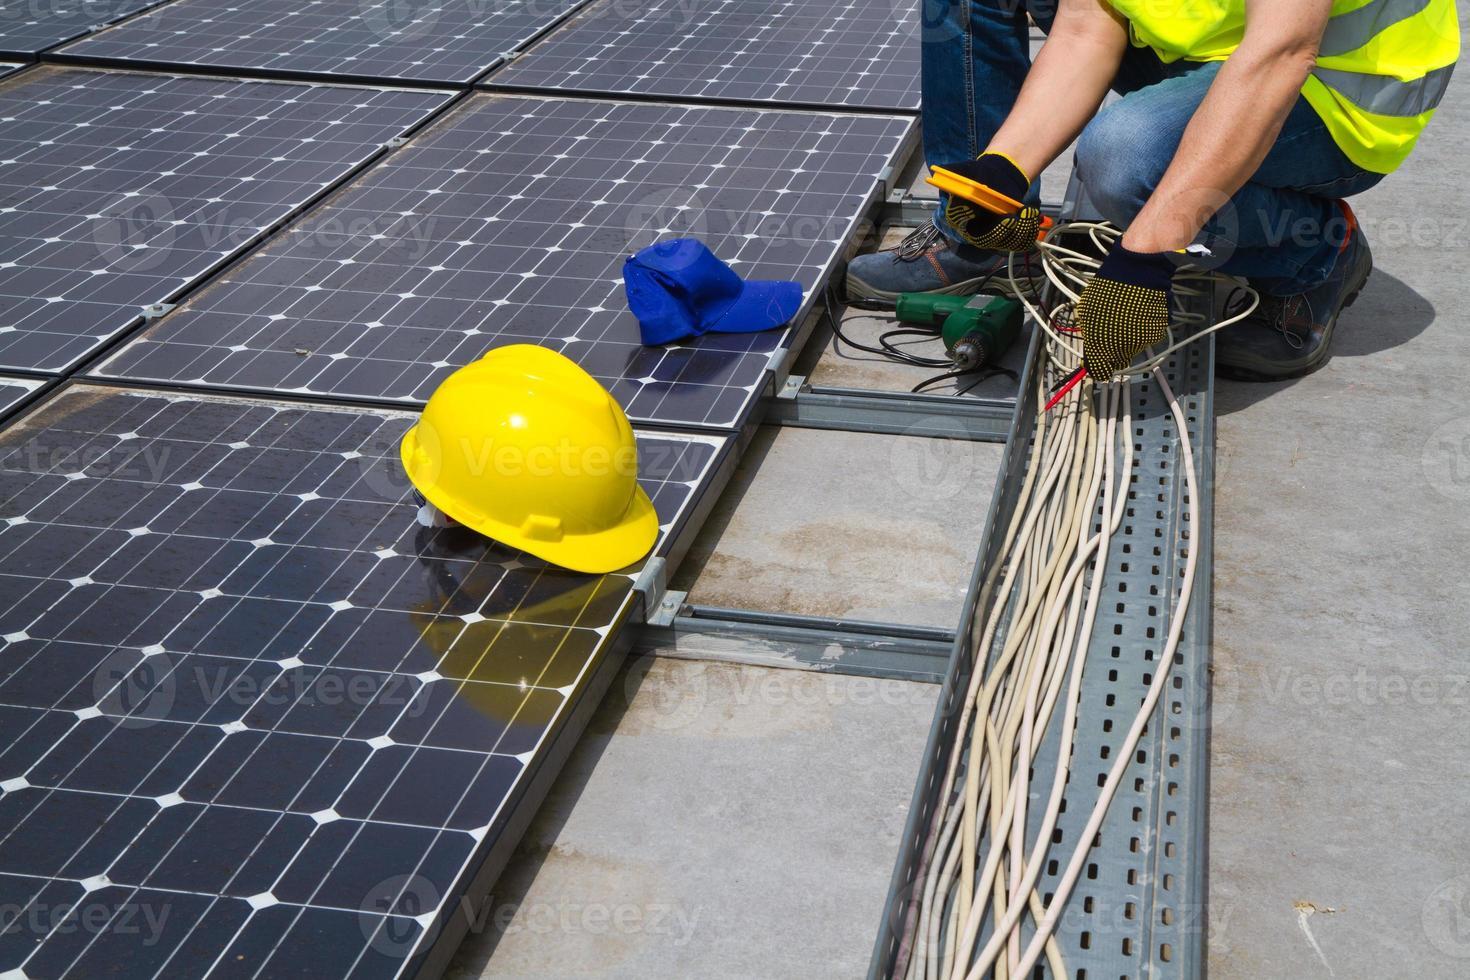 ouvrier qualifié photovoltaïque photo